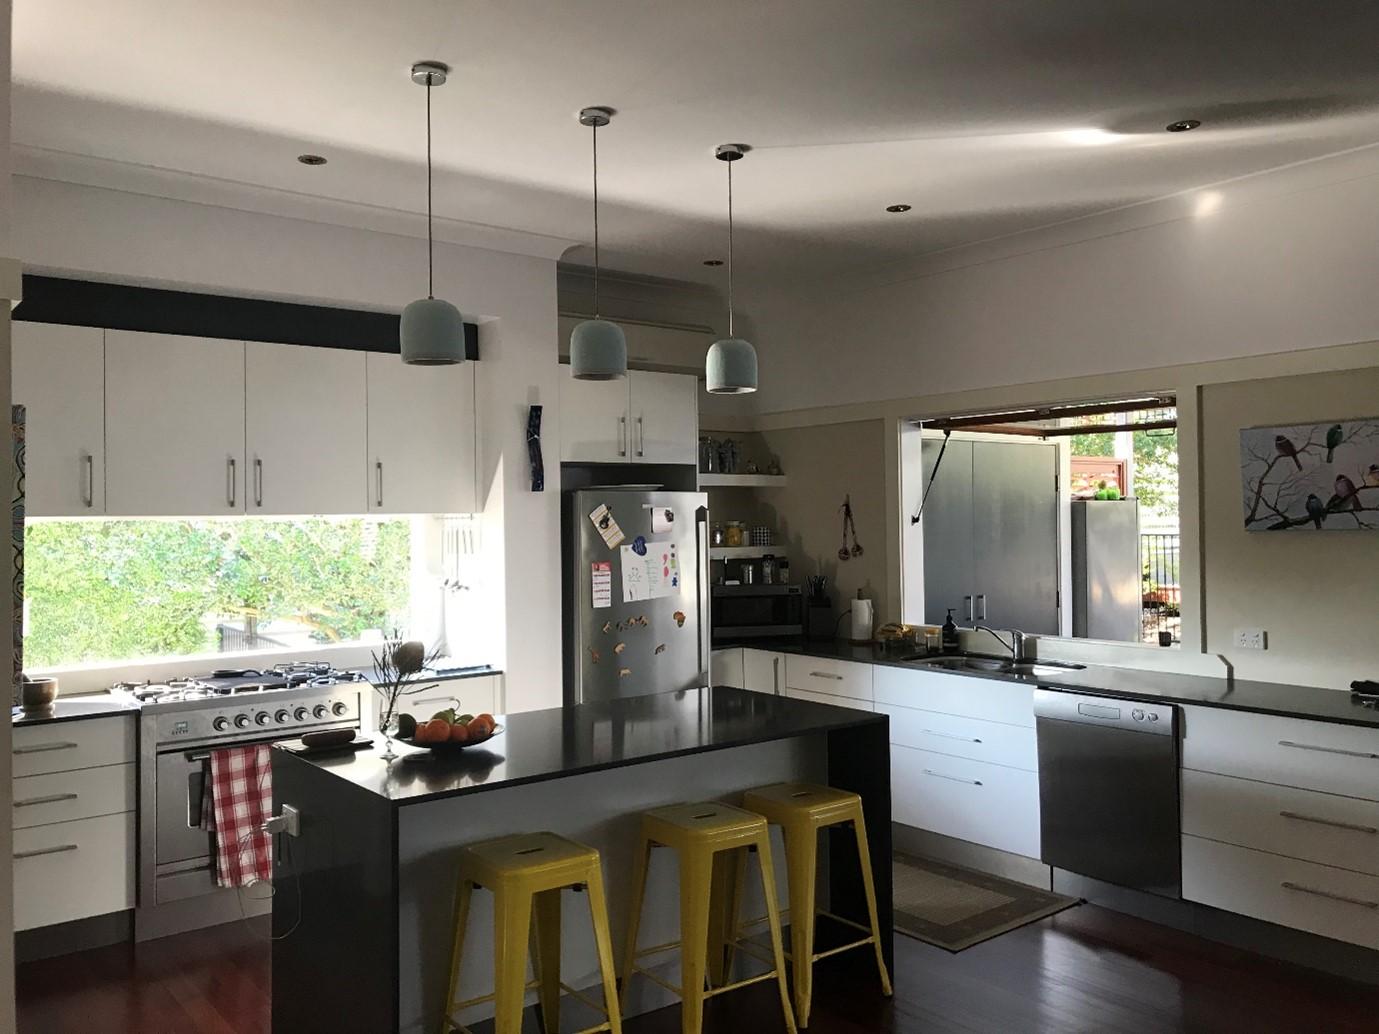 Holland Park Kitchen Renovation Modern Kitchen in Traditional Queenslander